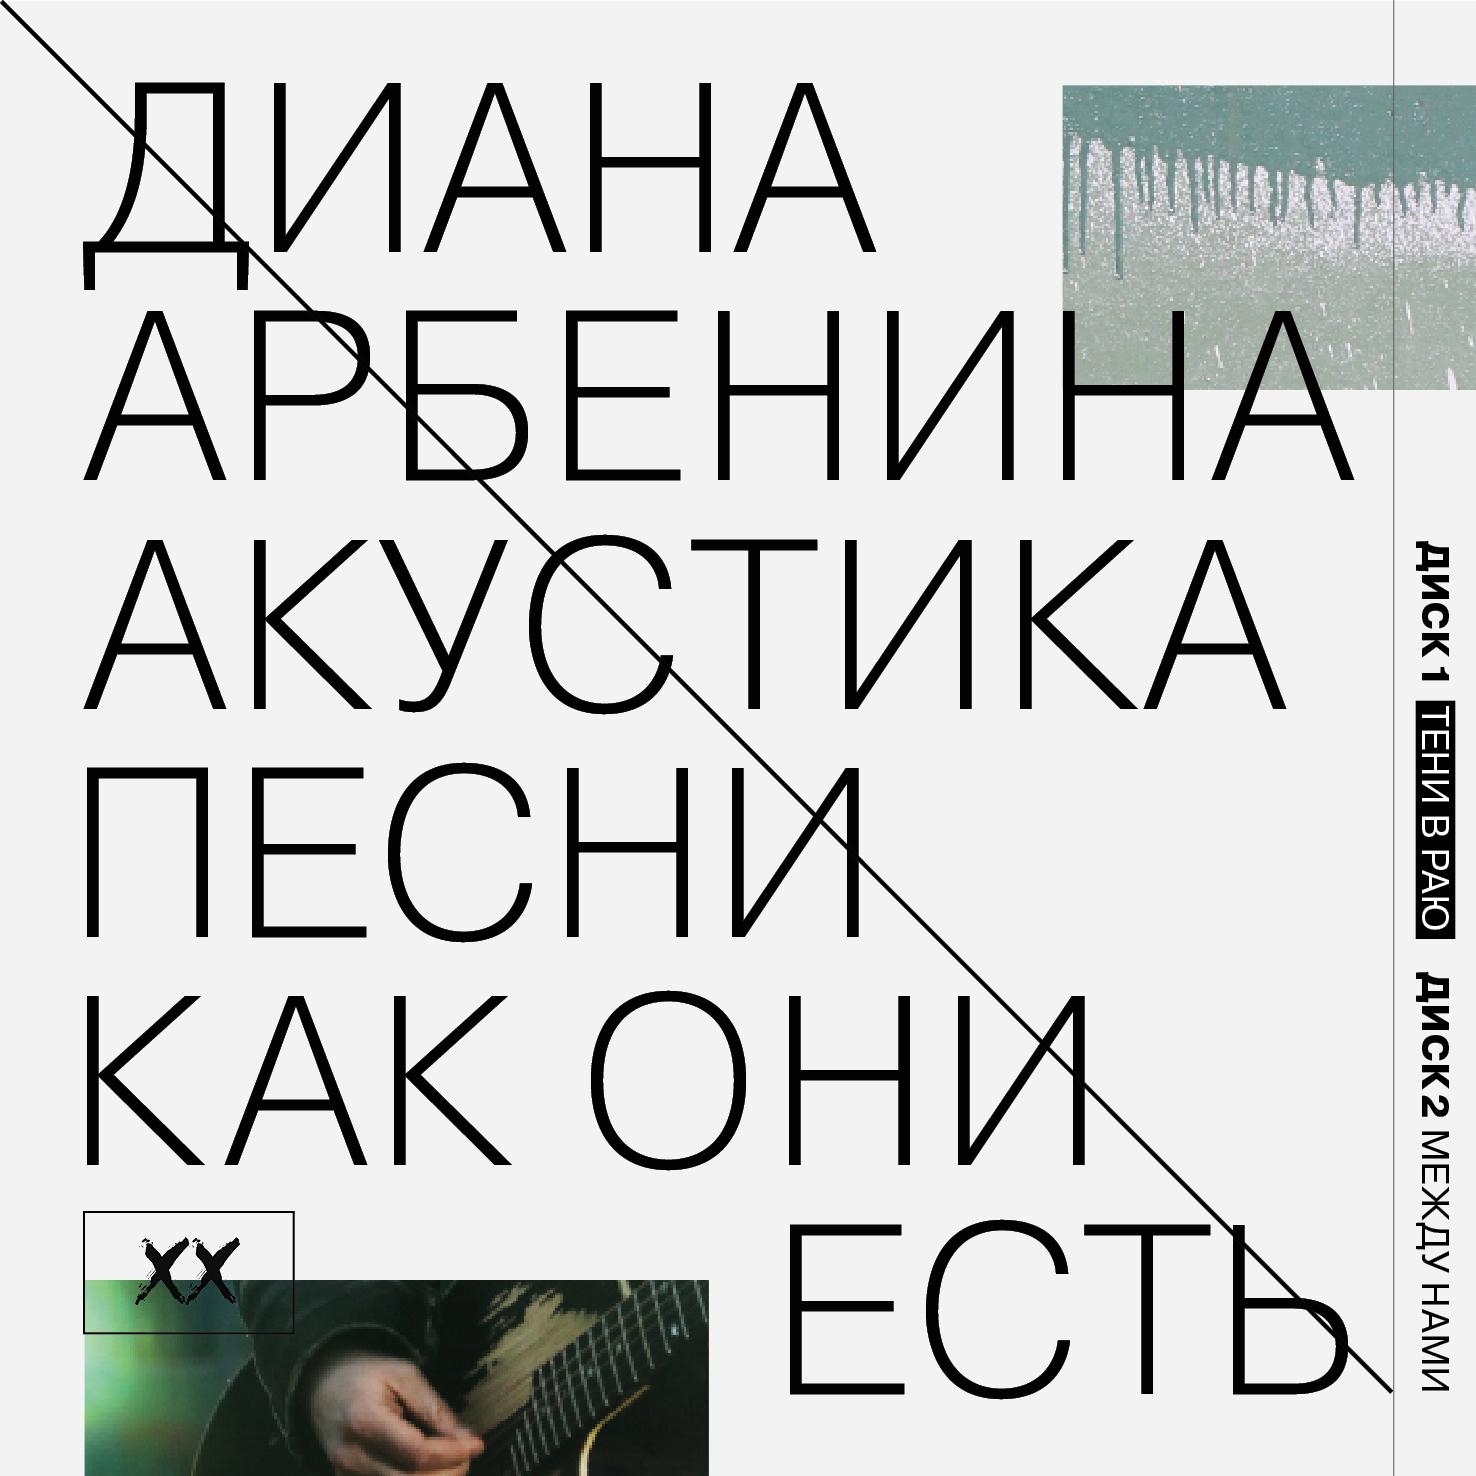 """Рецензия на альбом Дианы Арбениной """"Акустика. Песни как они есть"""""""